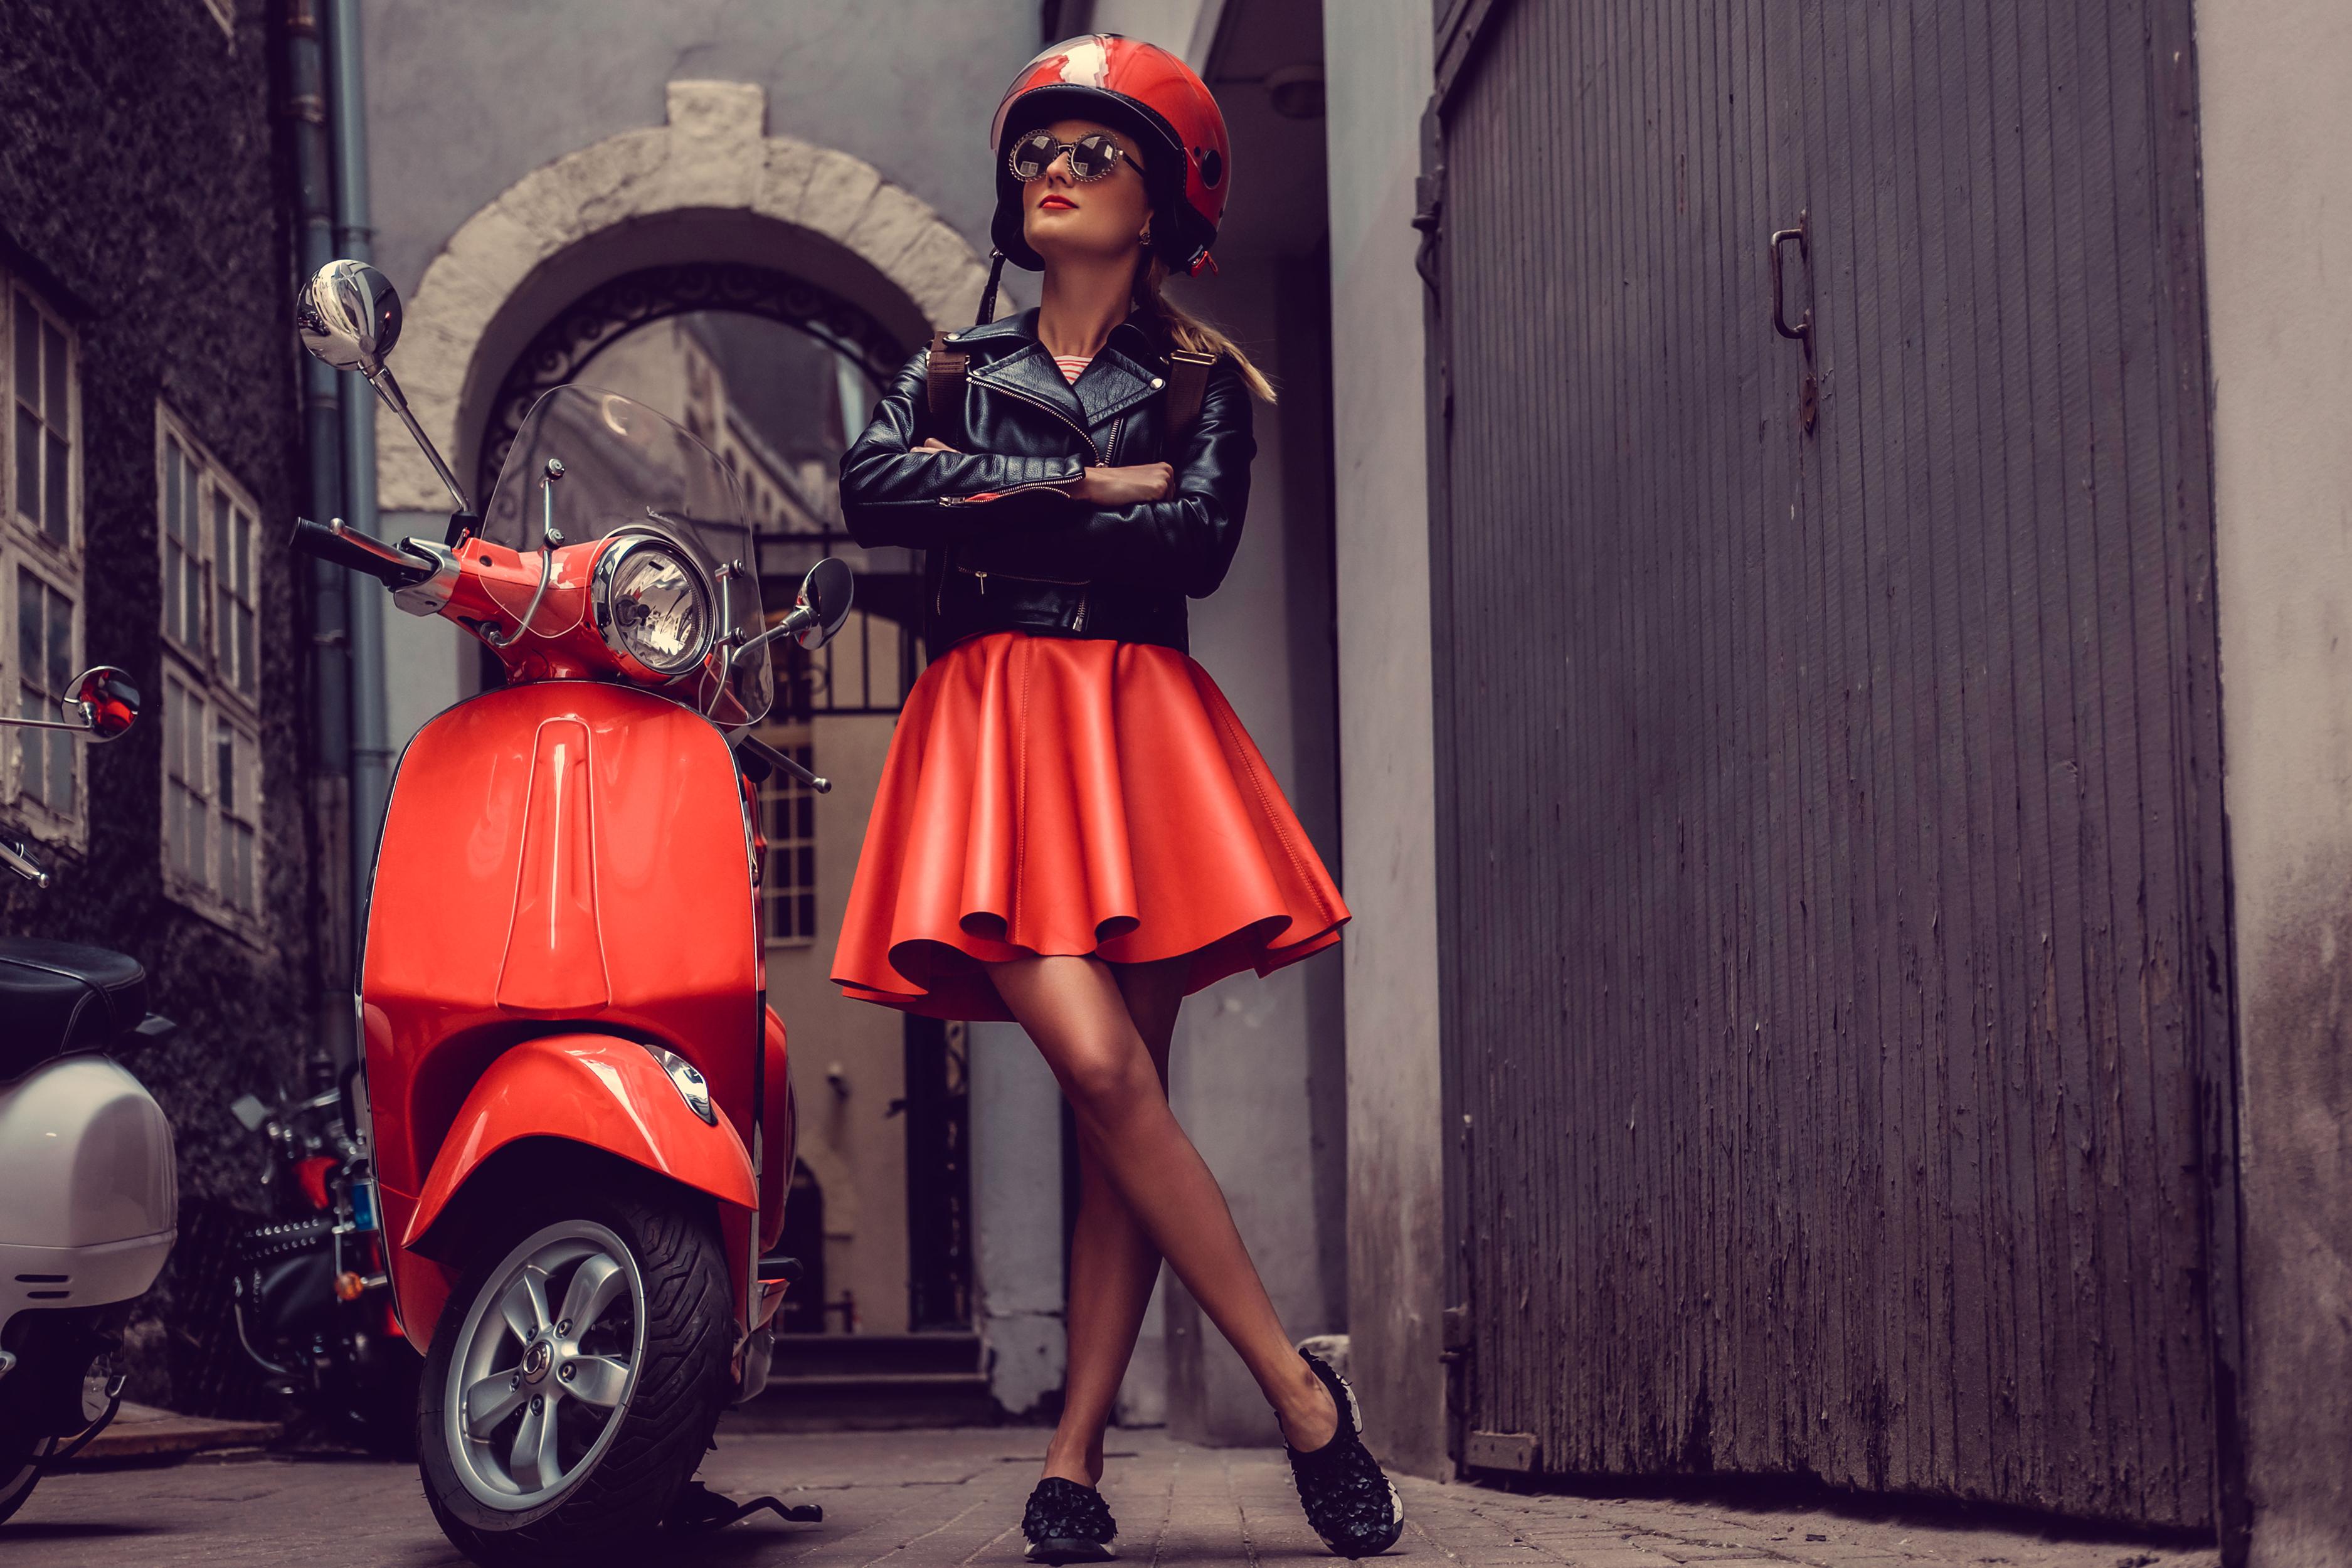 Обои для рабочего стола юбки Мотороллер в шлеме Куртка Девушки Мотоциклист очков юбке Юбка Скутер Шлем шлема куртке куртки куртках девушка молодая женщина молодые женщины Очки очках